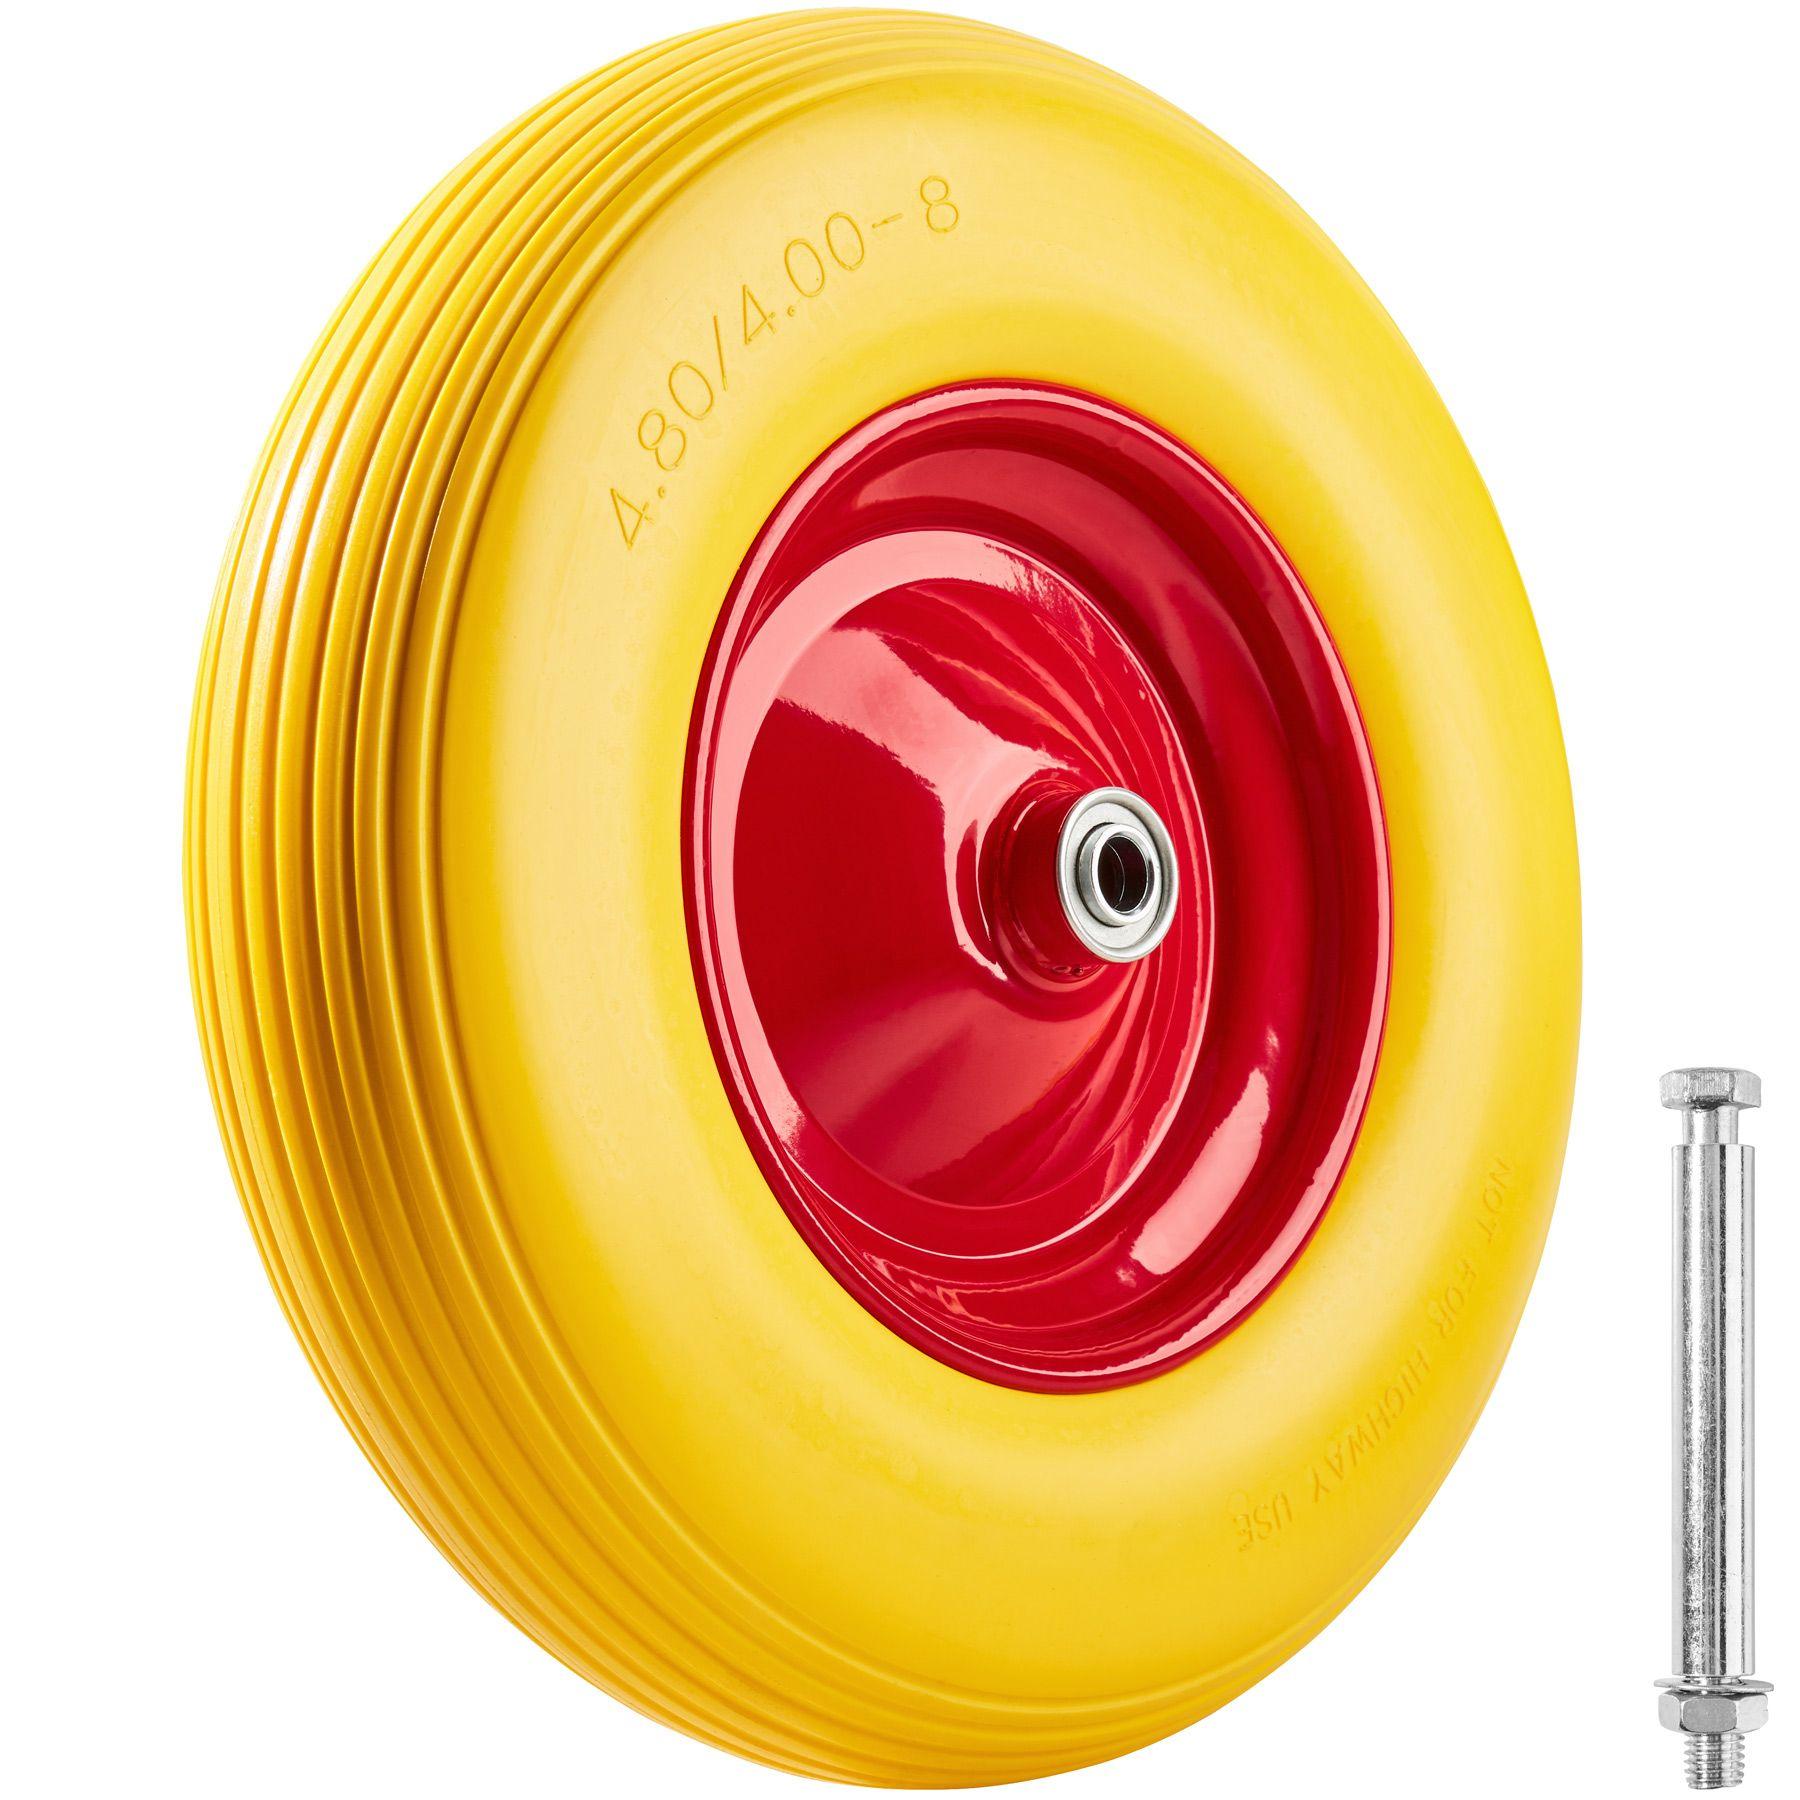 Pannensicheres Vollgummi Schubkarrenrad Achse Reifen Ersatzrad Sackkarren Rad